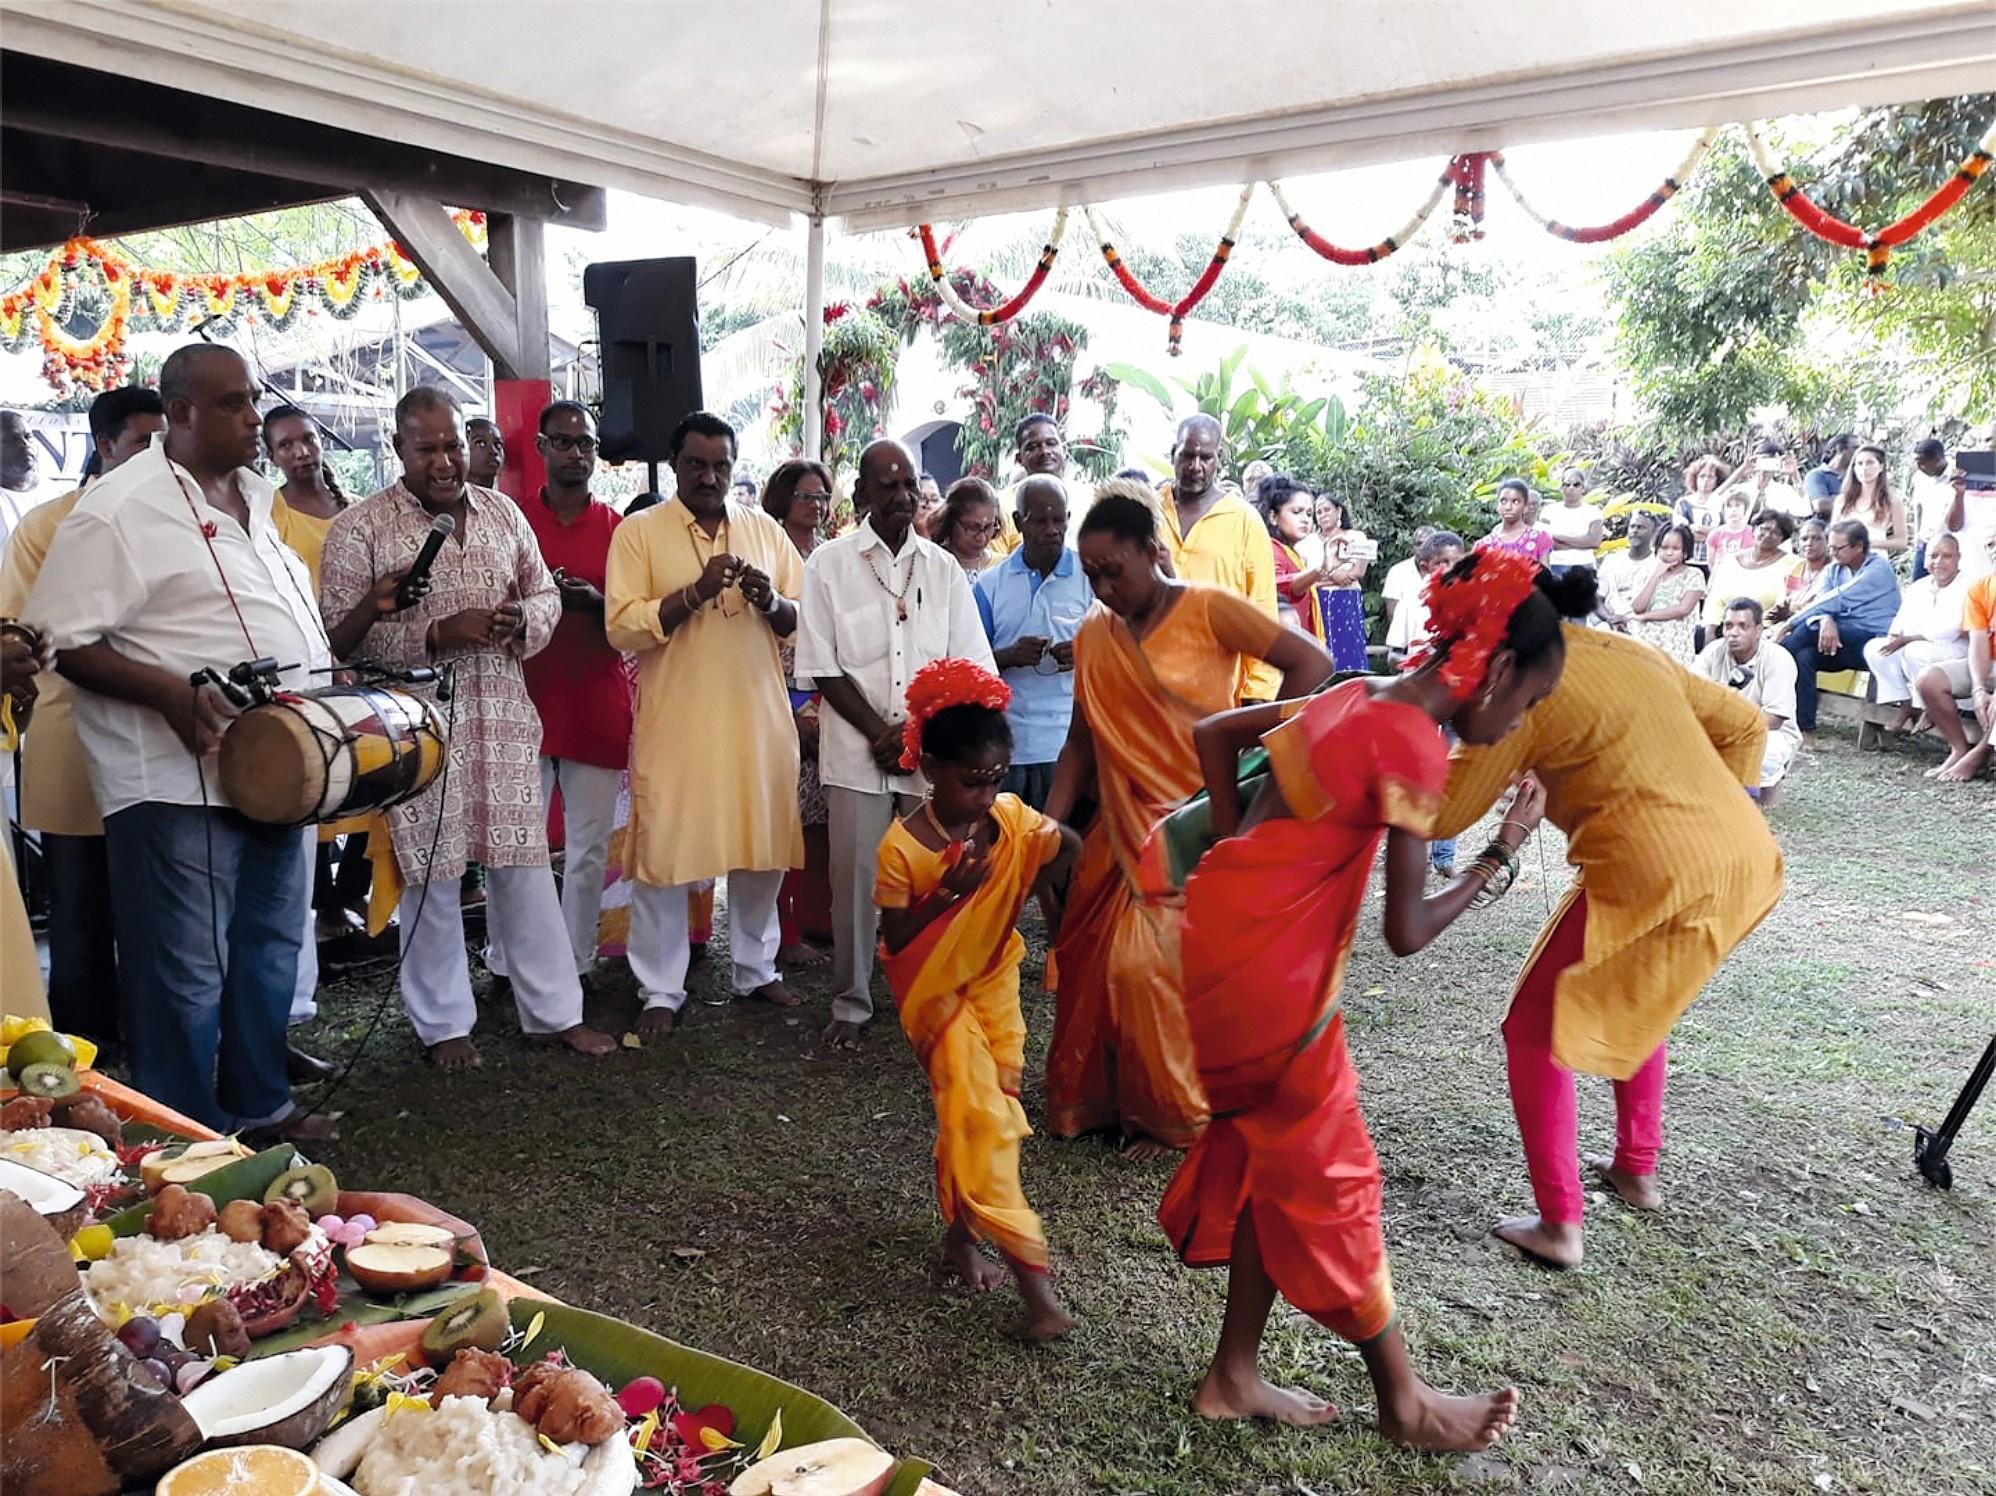 Une fête hindouiste en Martinique